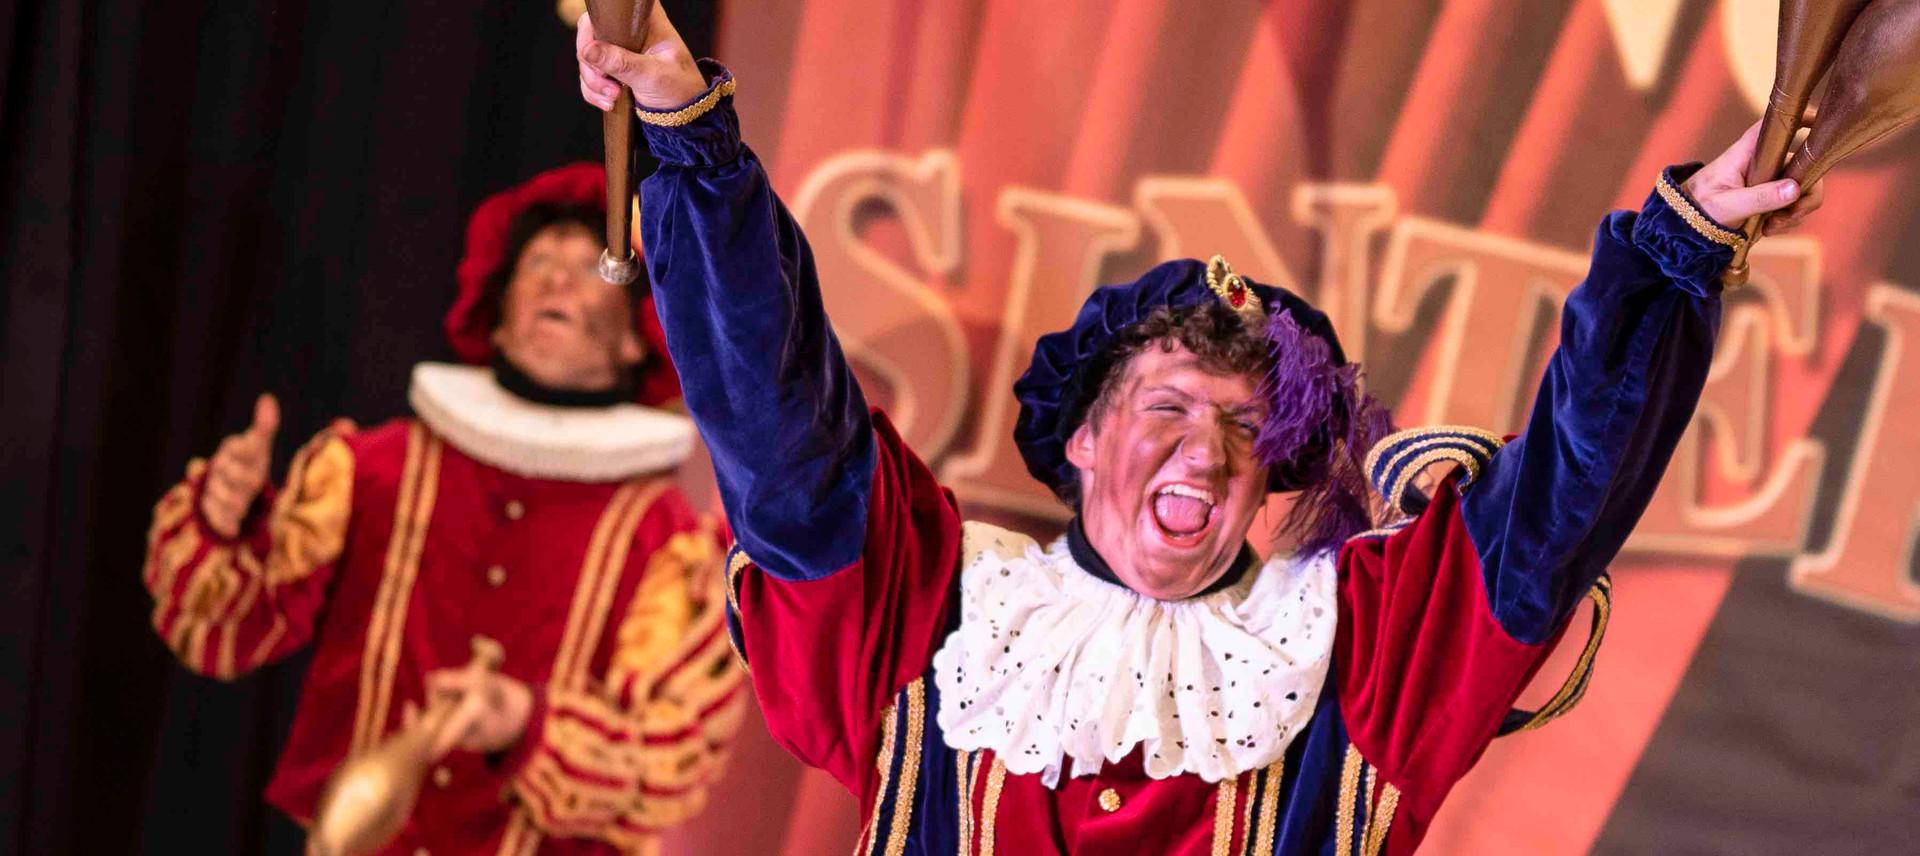 jongleerpiet jongleren pieten circuspiet